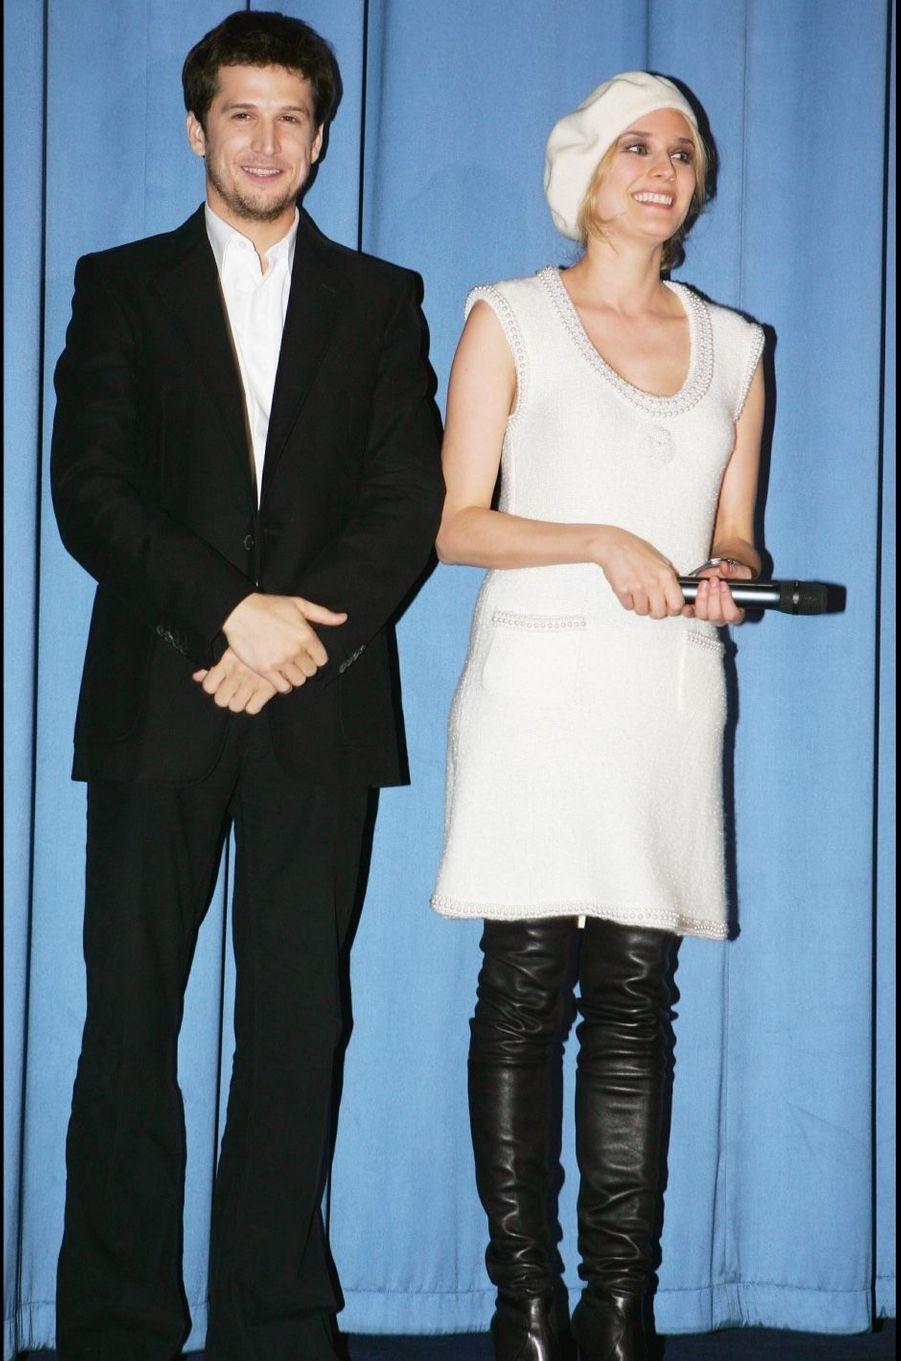 Diane Kruger et Guillaume Canet en 2005. Leur relation s'est terminée en 2006 après cinq ans de mariage.